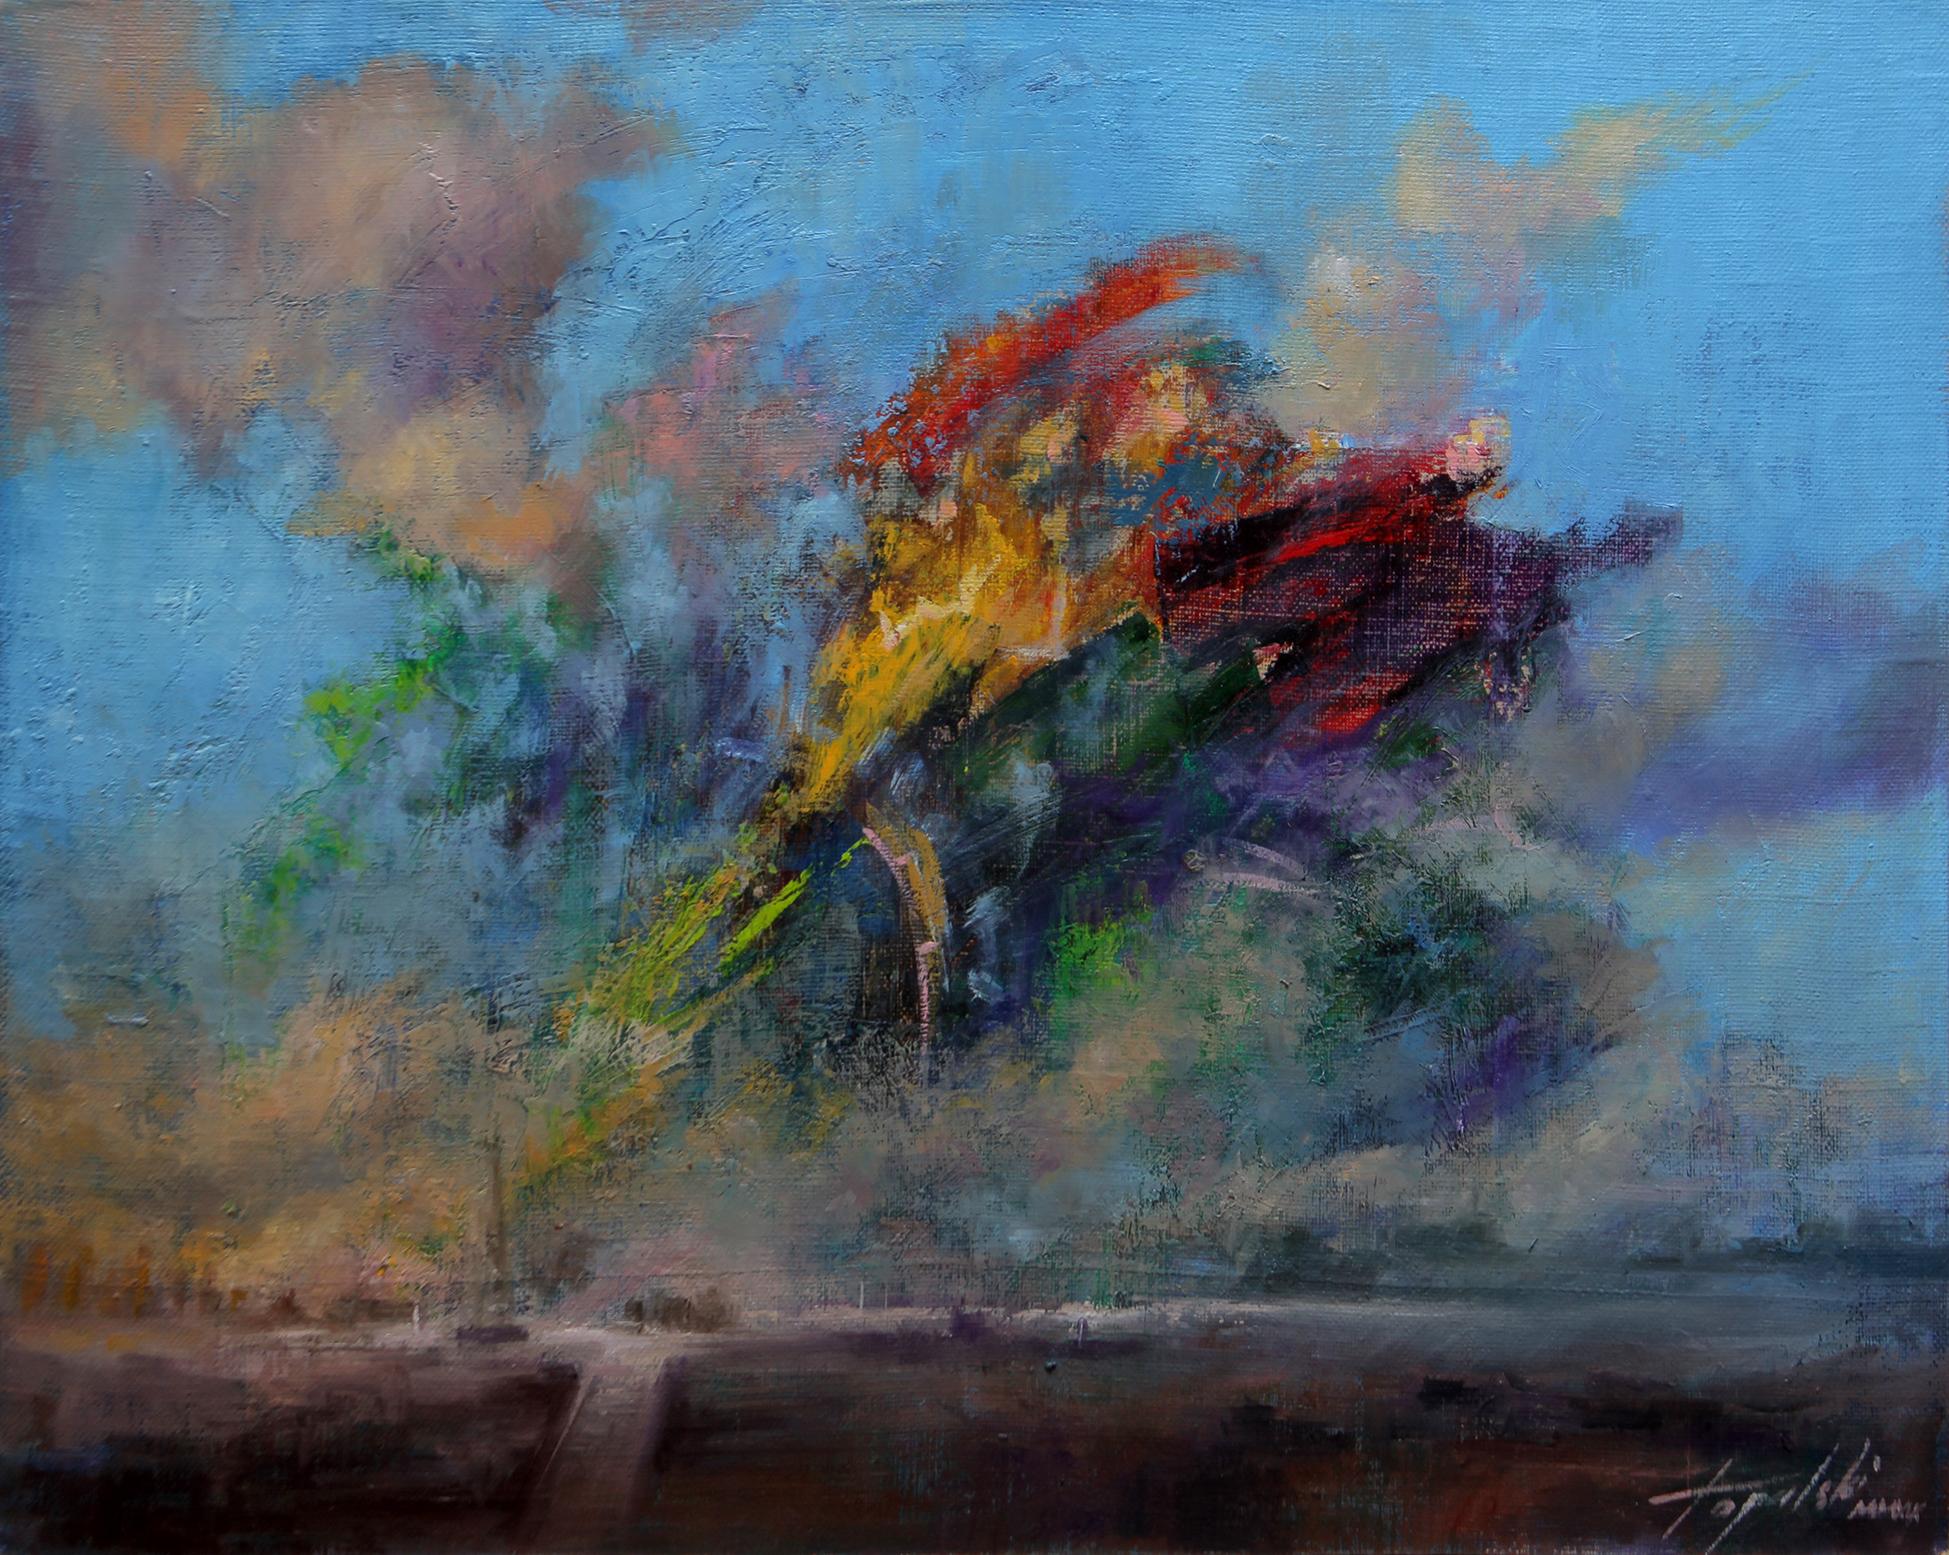 U toku - Fantasticni pejzaz - Umetnička slika 30x40cm Ulje na platnu - umetnik Darko TOPALSKI